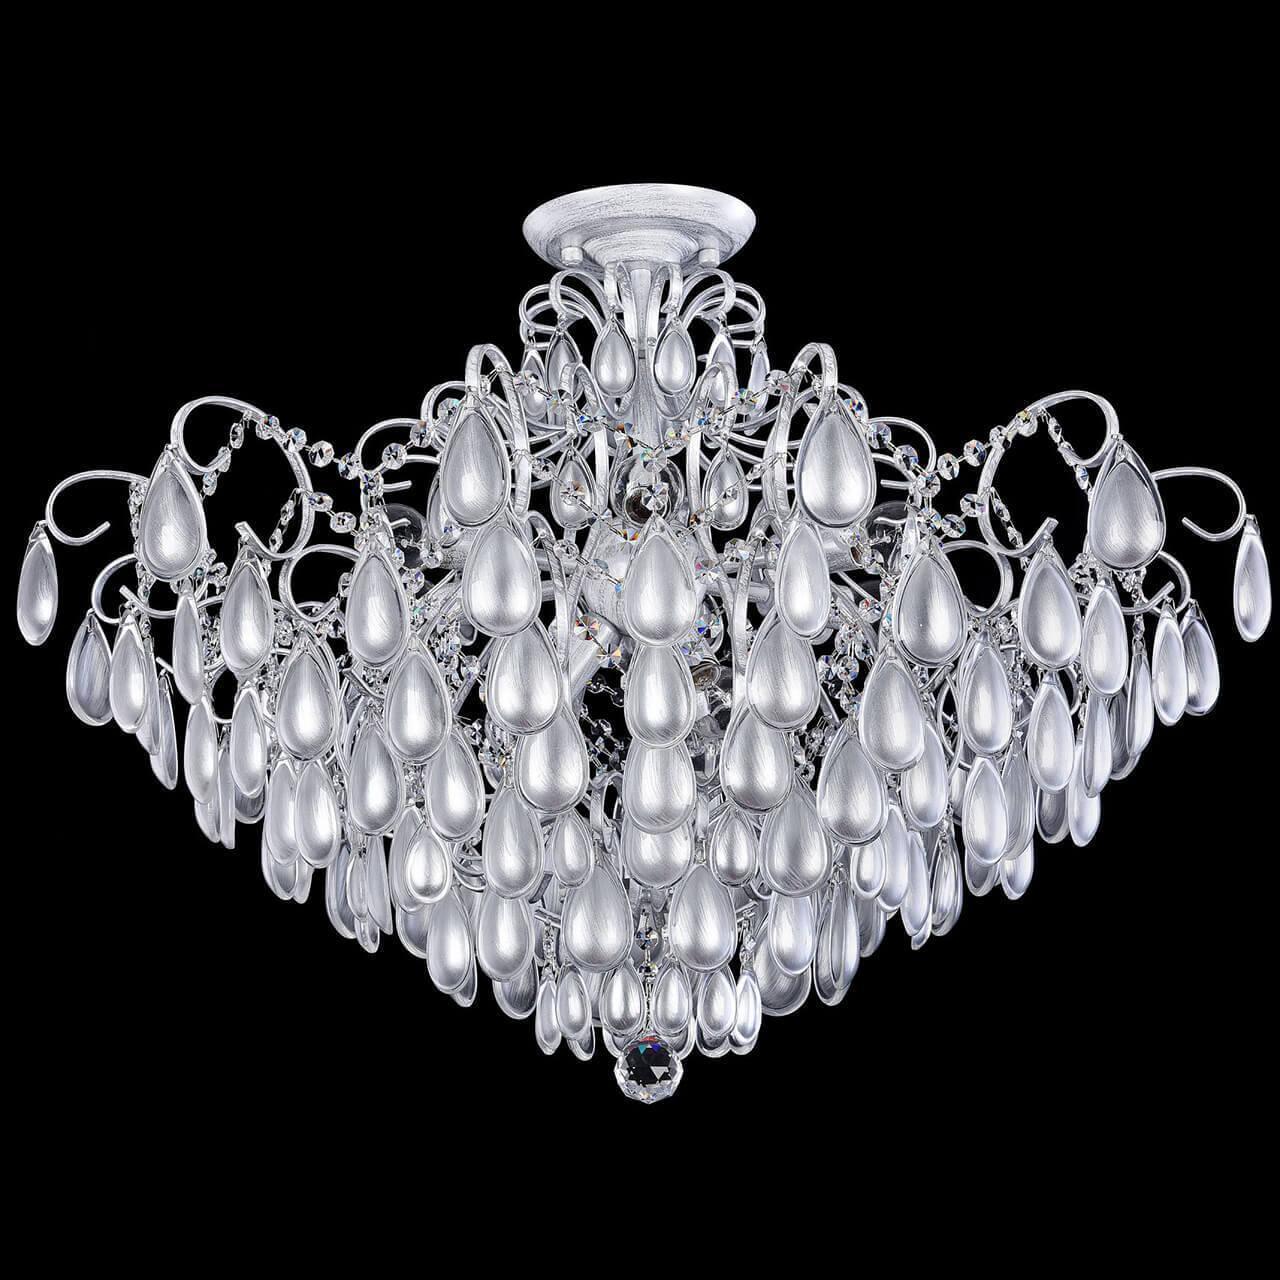 Потолочный светильник Freya FR2302CL-09S, E14, 40 Вт торшер freya chabrol fr2302fl 04s